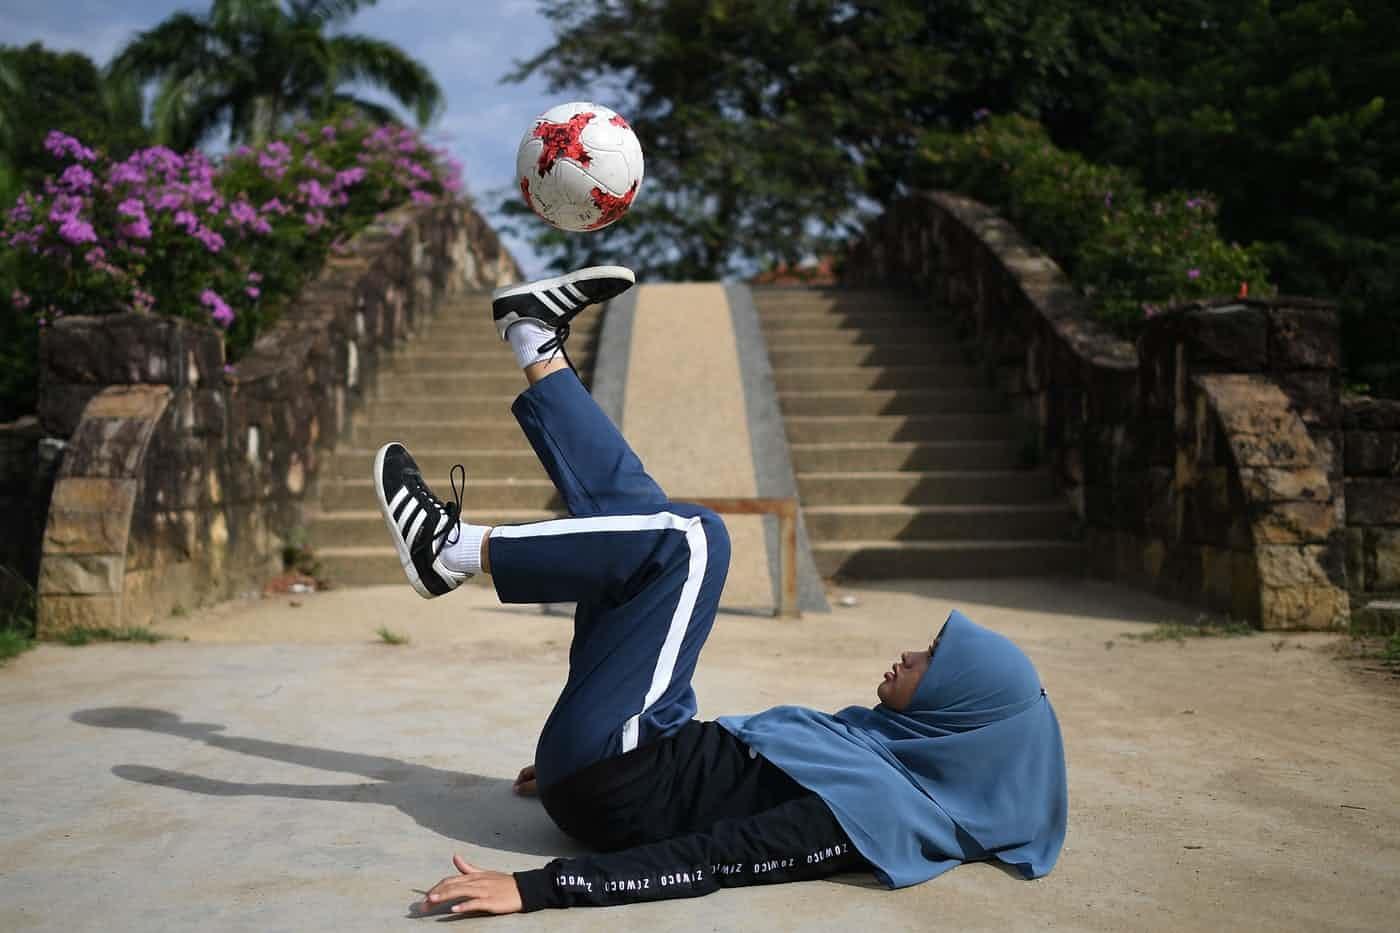 عکس روز: دختر فوتبالیست